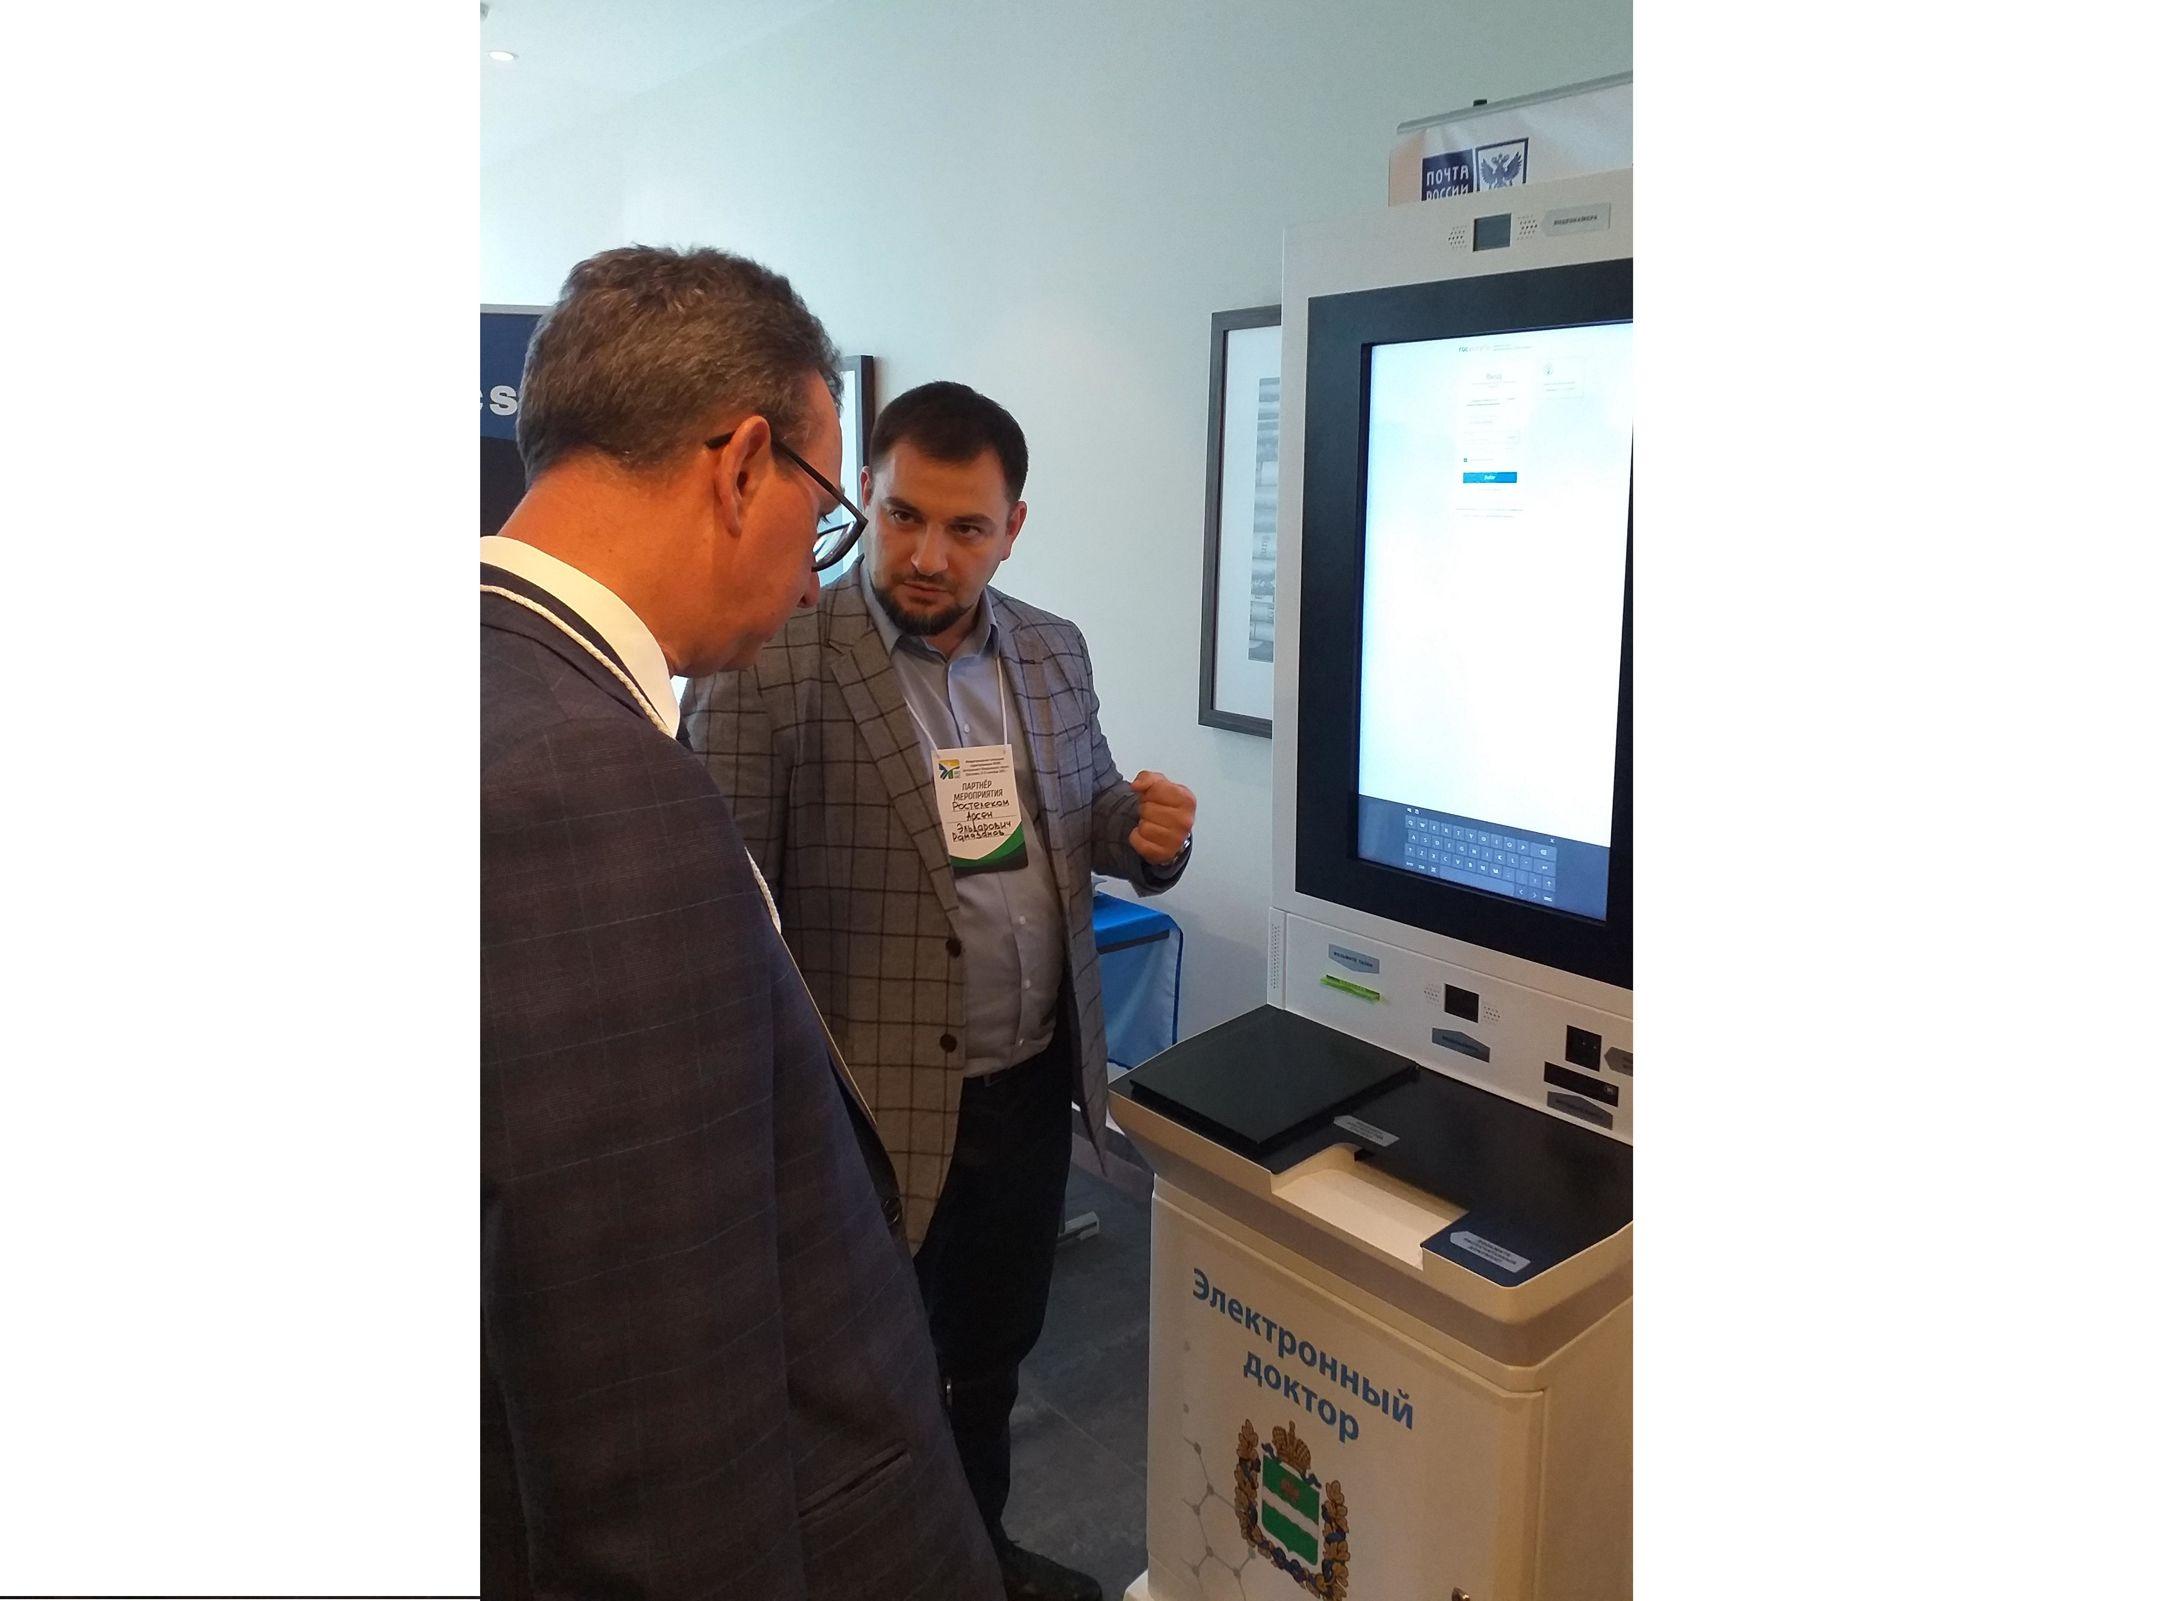 «Ростелеком» представил в Ярославле устройство для дистанционных медицинских консультаций